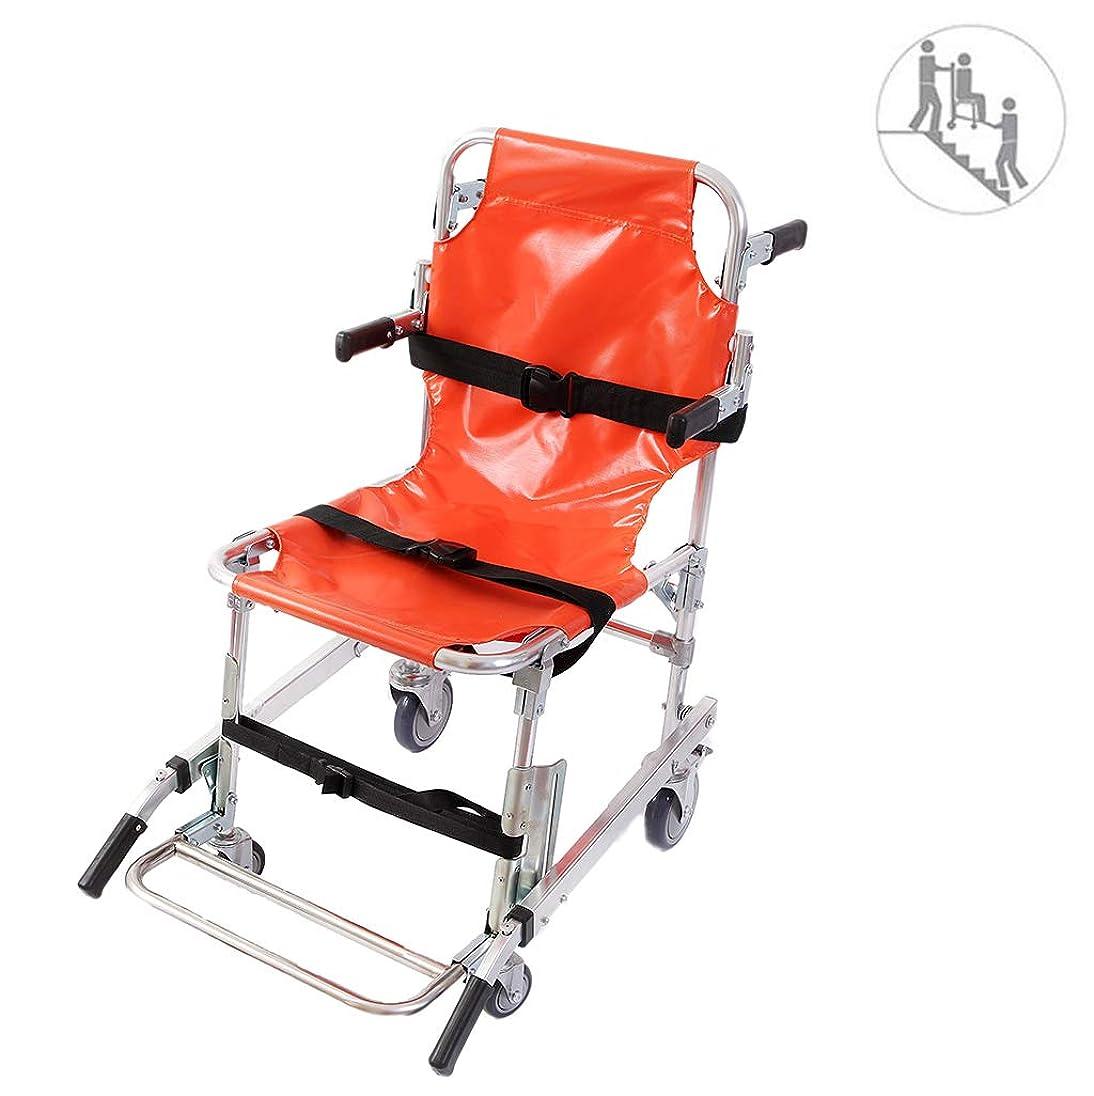 強要推測爬虫類EMS階段椅子4つの車輪で、救急車避難医療輸送椅子患者拘束ストラップ付き350ポンドの容量